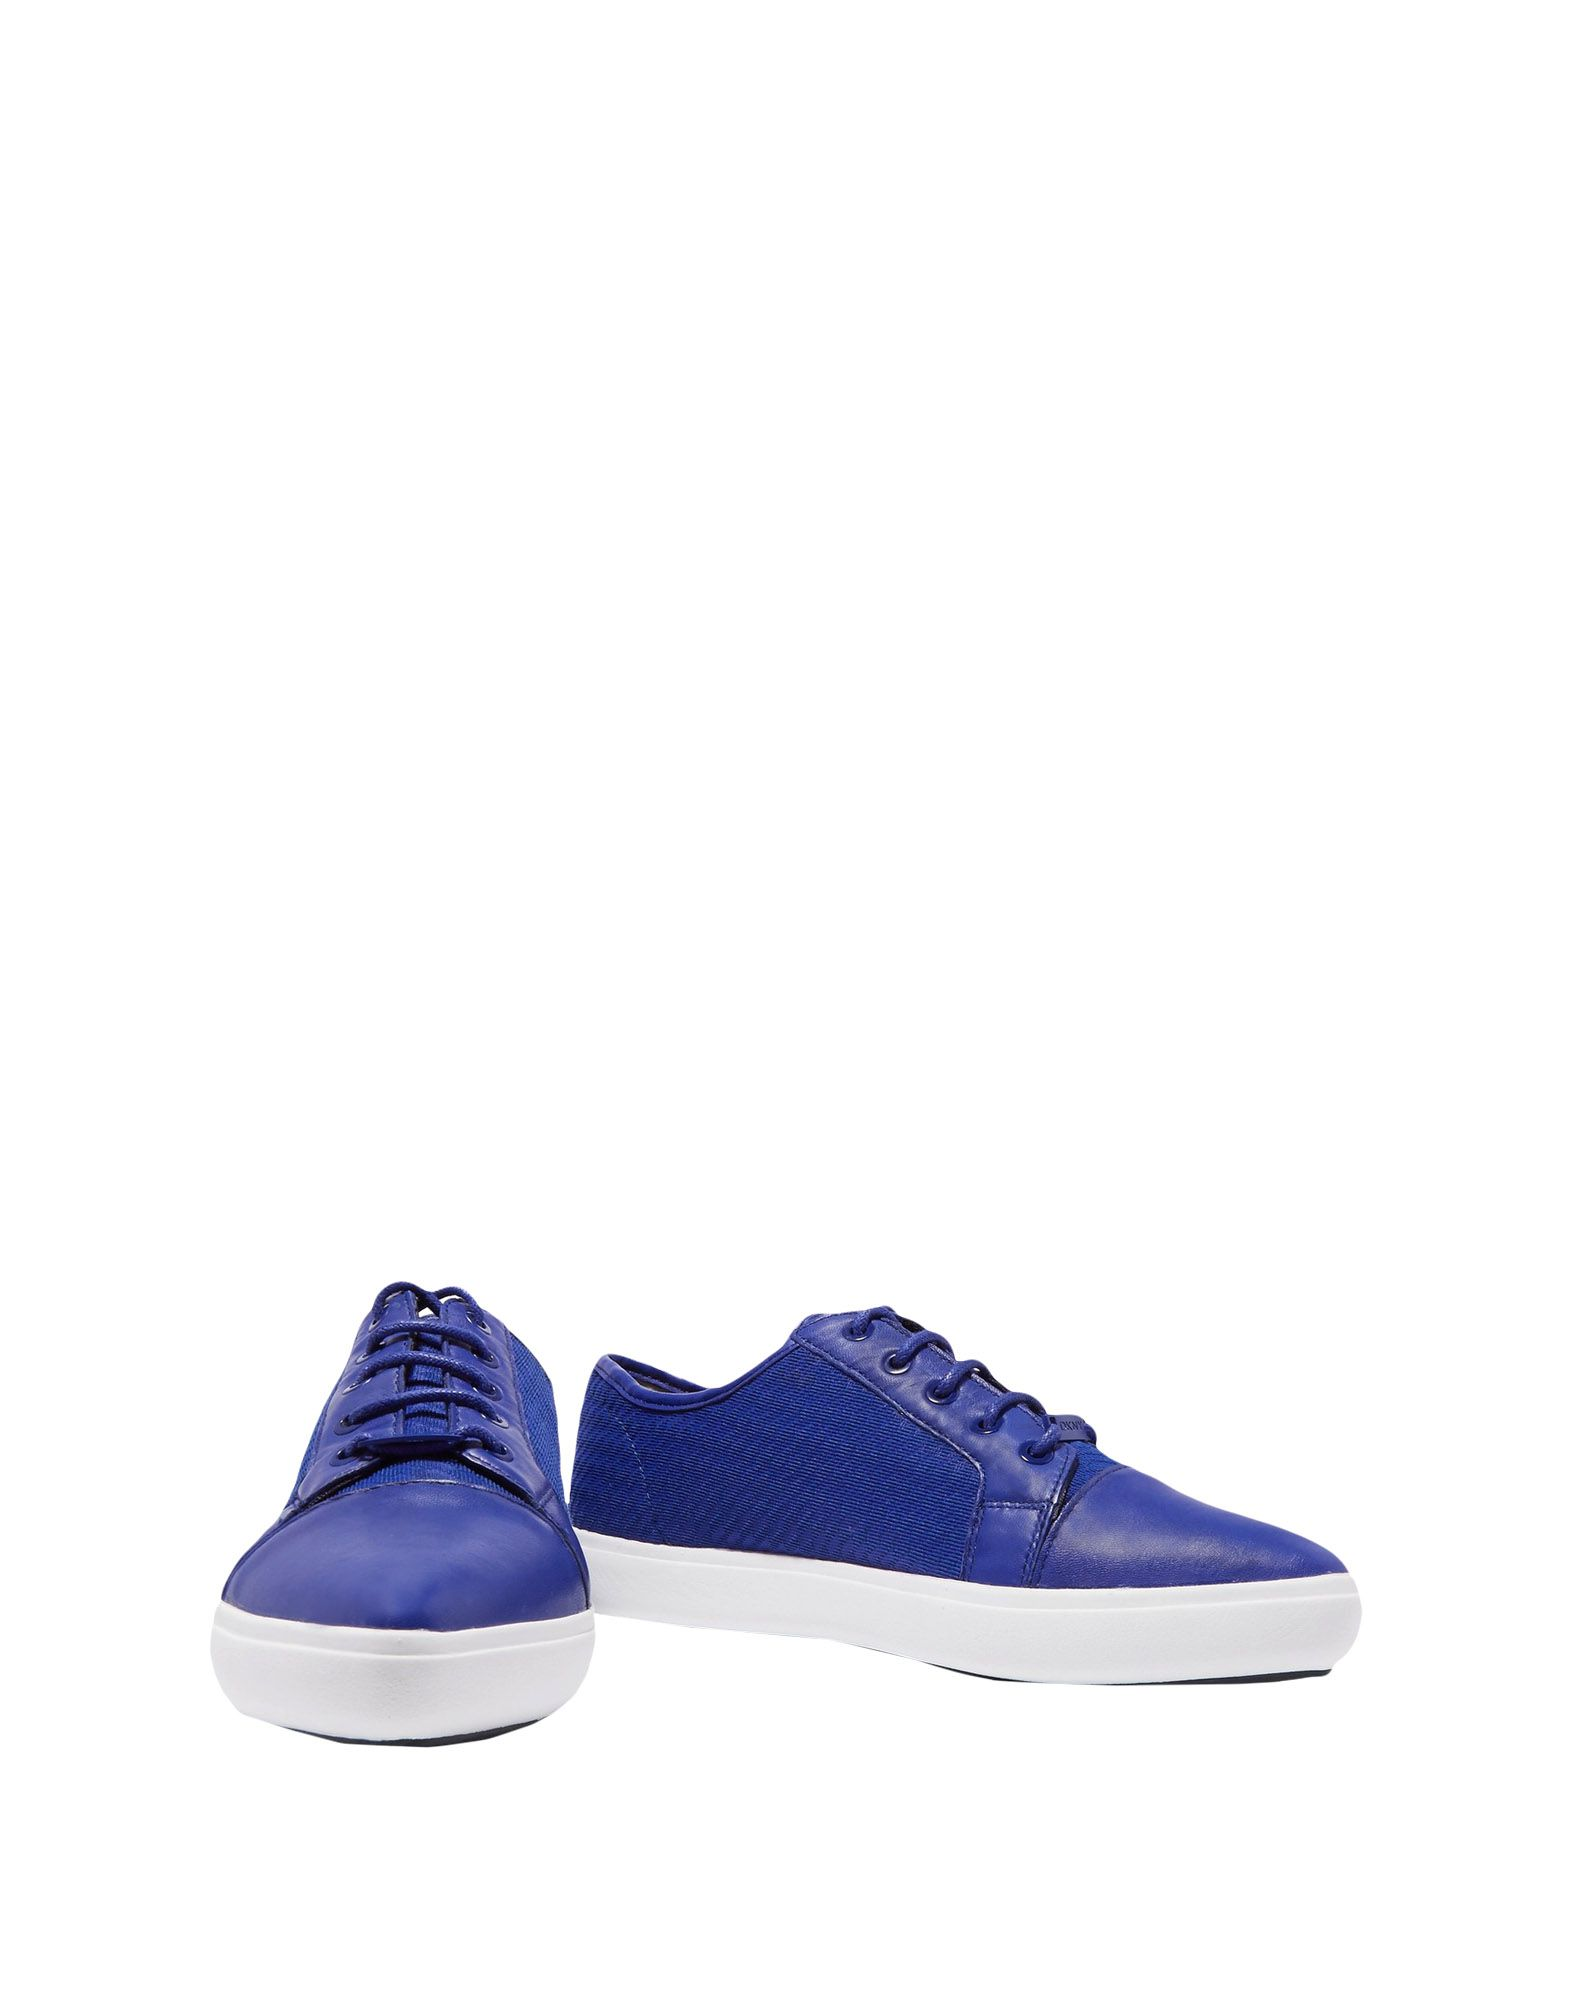 Scarpe economiche e resistenti Sneakers Dkny Donna - 11514840LH